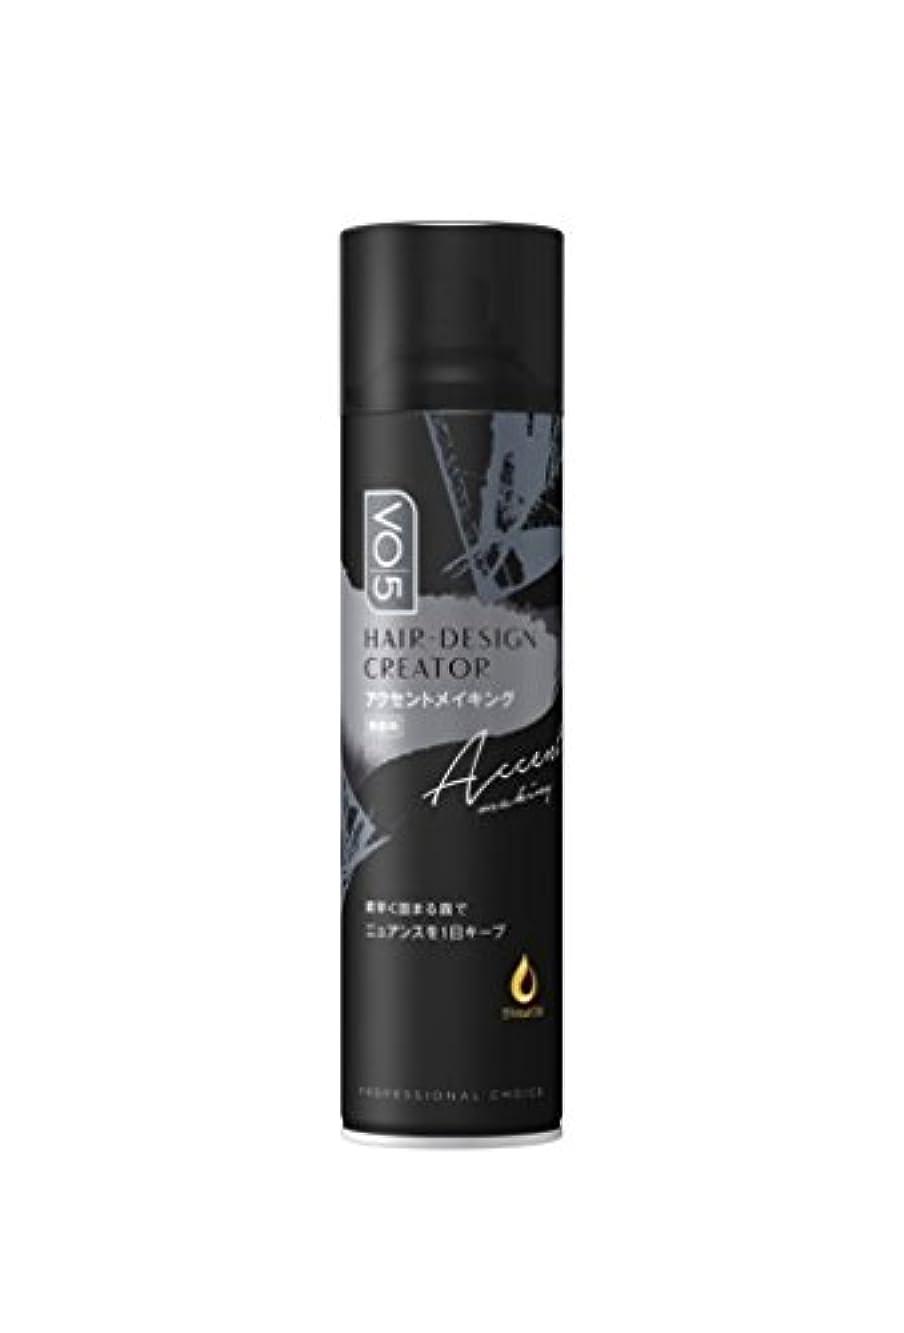 便利最少人に関する限りVO5ヘアデザインクリエイター[アクセントメイキング]無香料160g